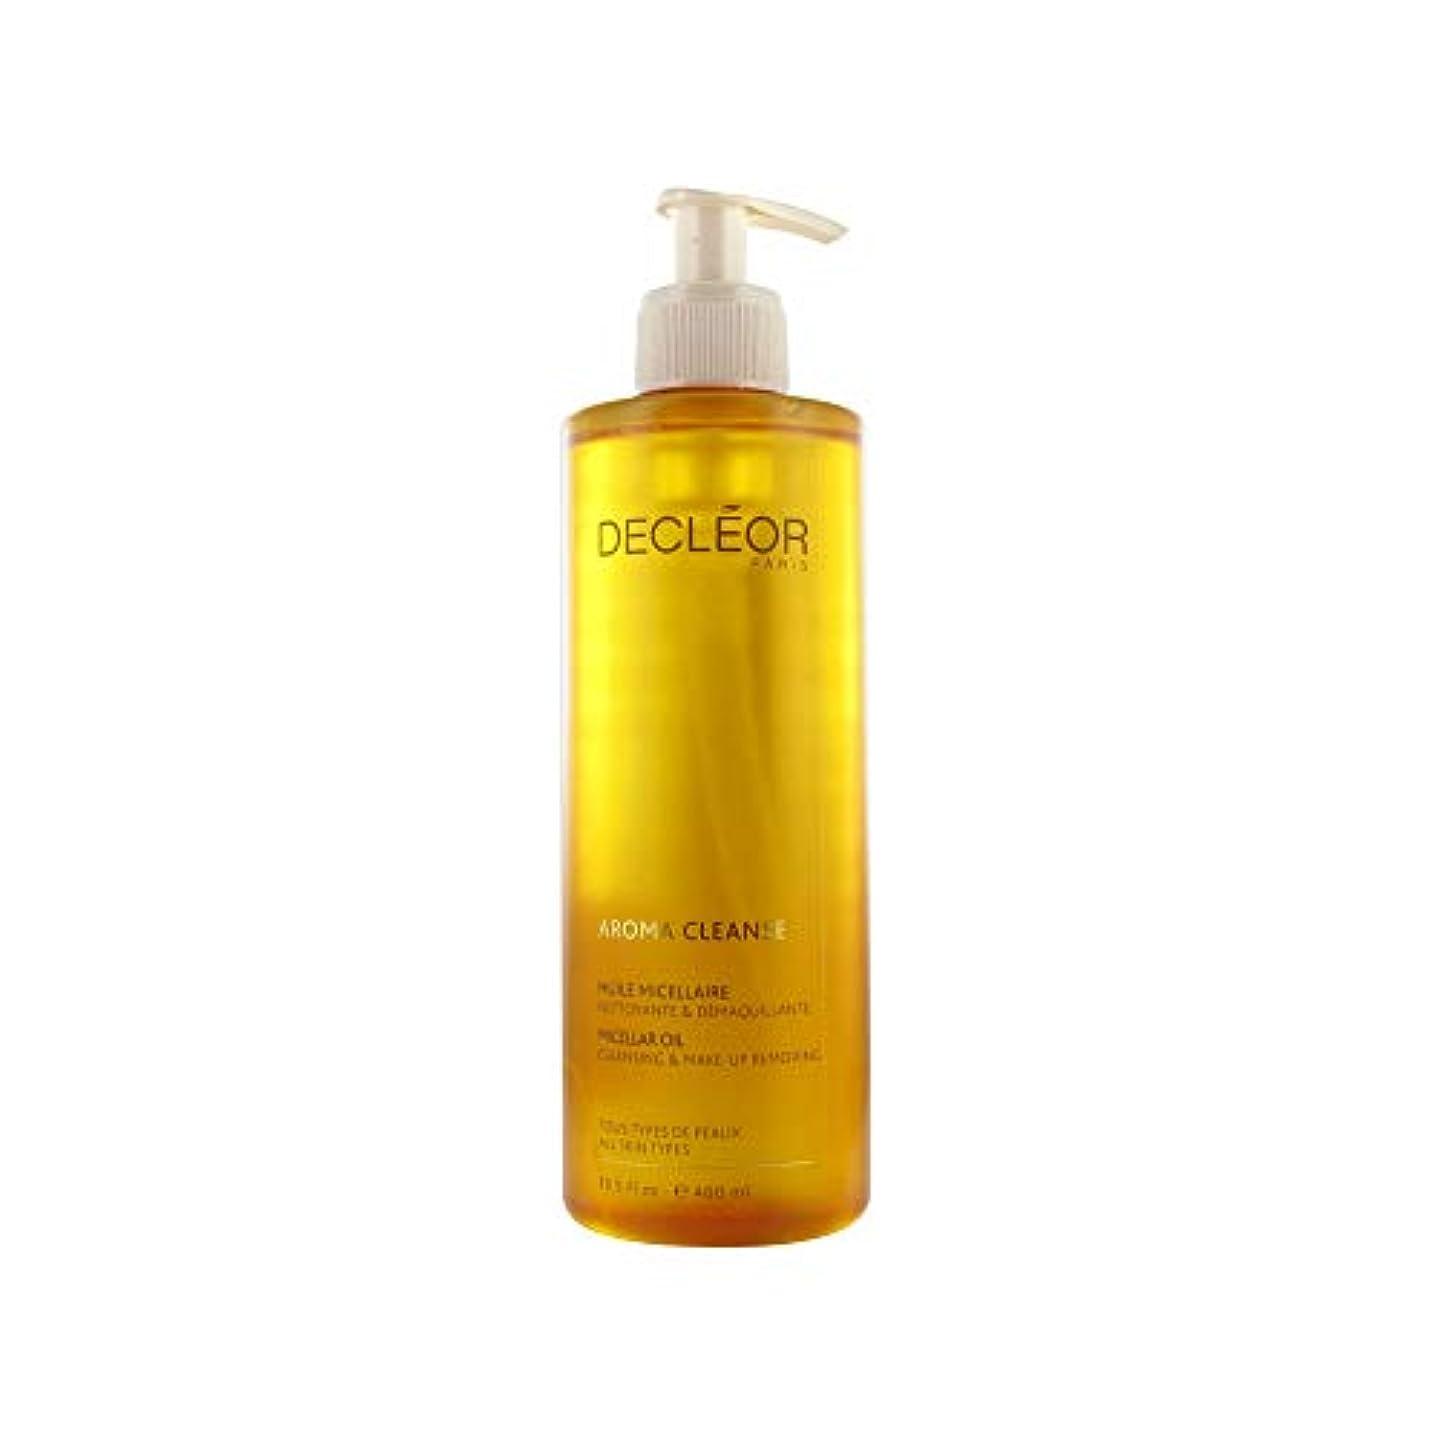 ファンタジー着陸デモンストレーションデクレオール Aroma Cleanse Micellar Oil (Salon Size) 400ml/13.5oz並行輸入品